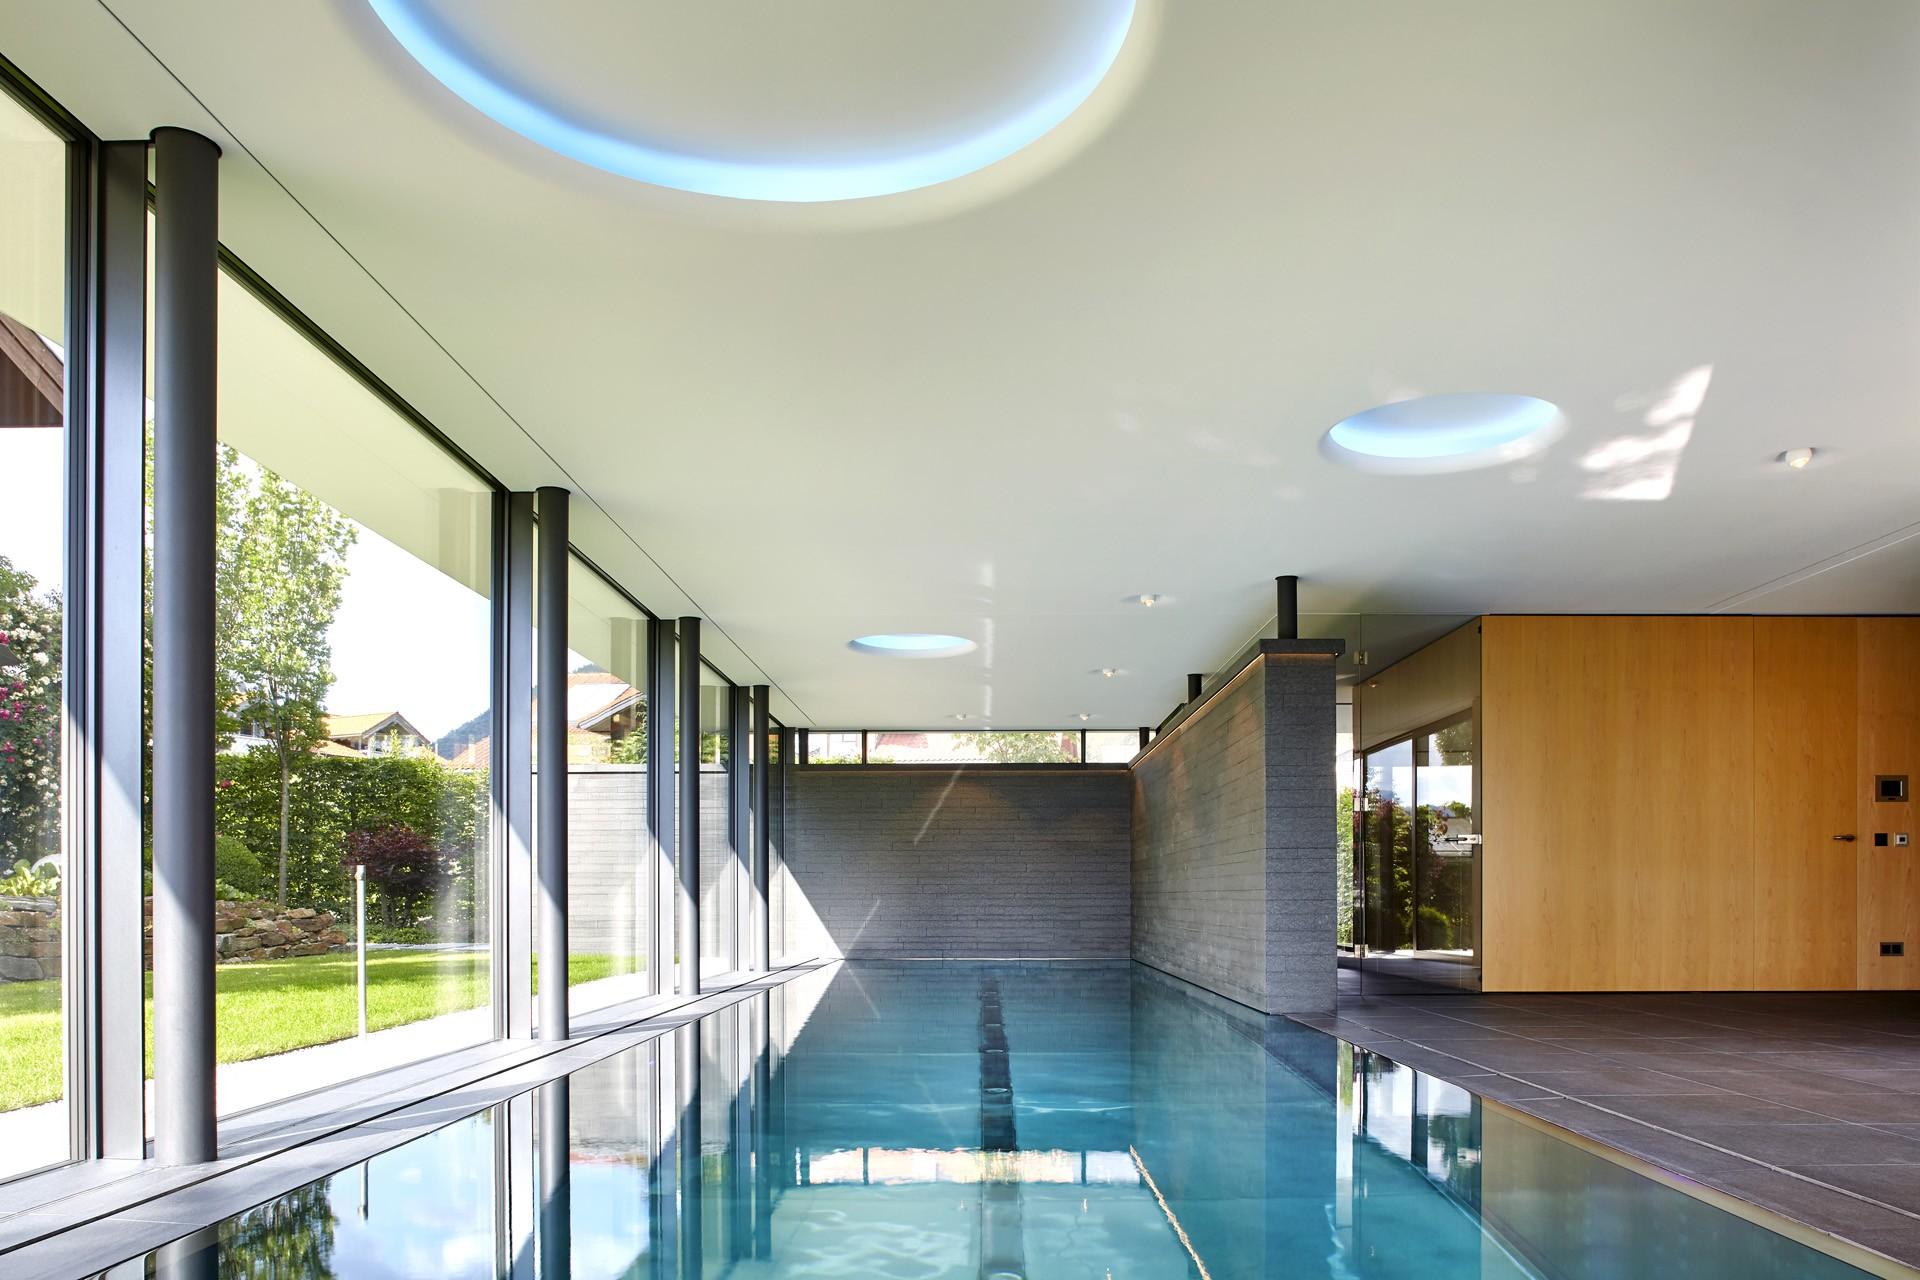 architektur-plus-raum-haus-hm-05